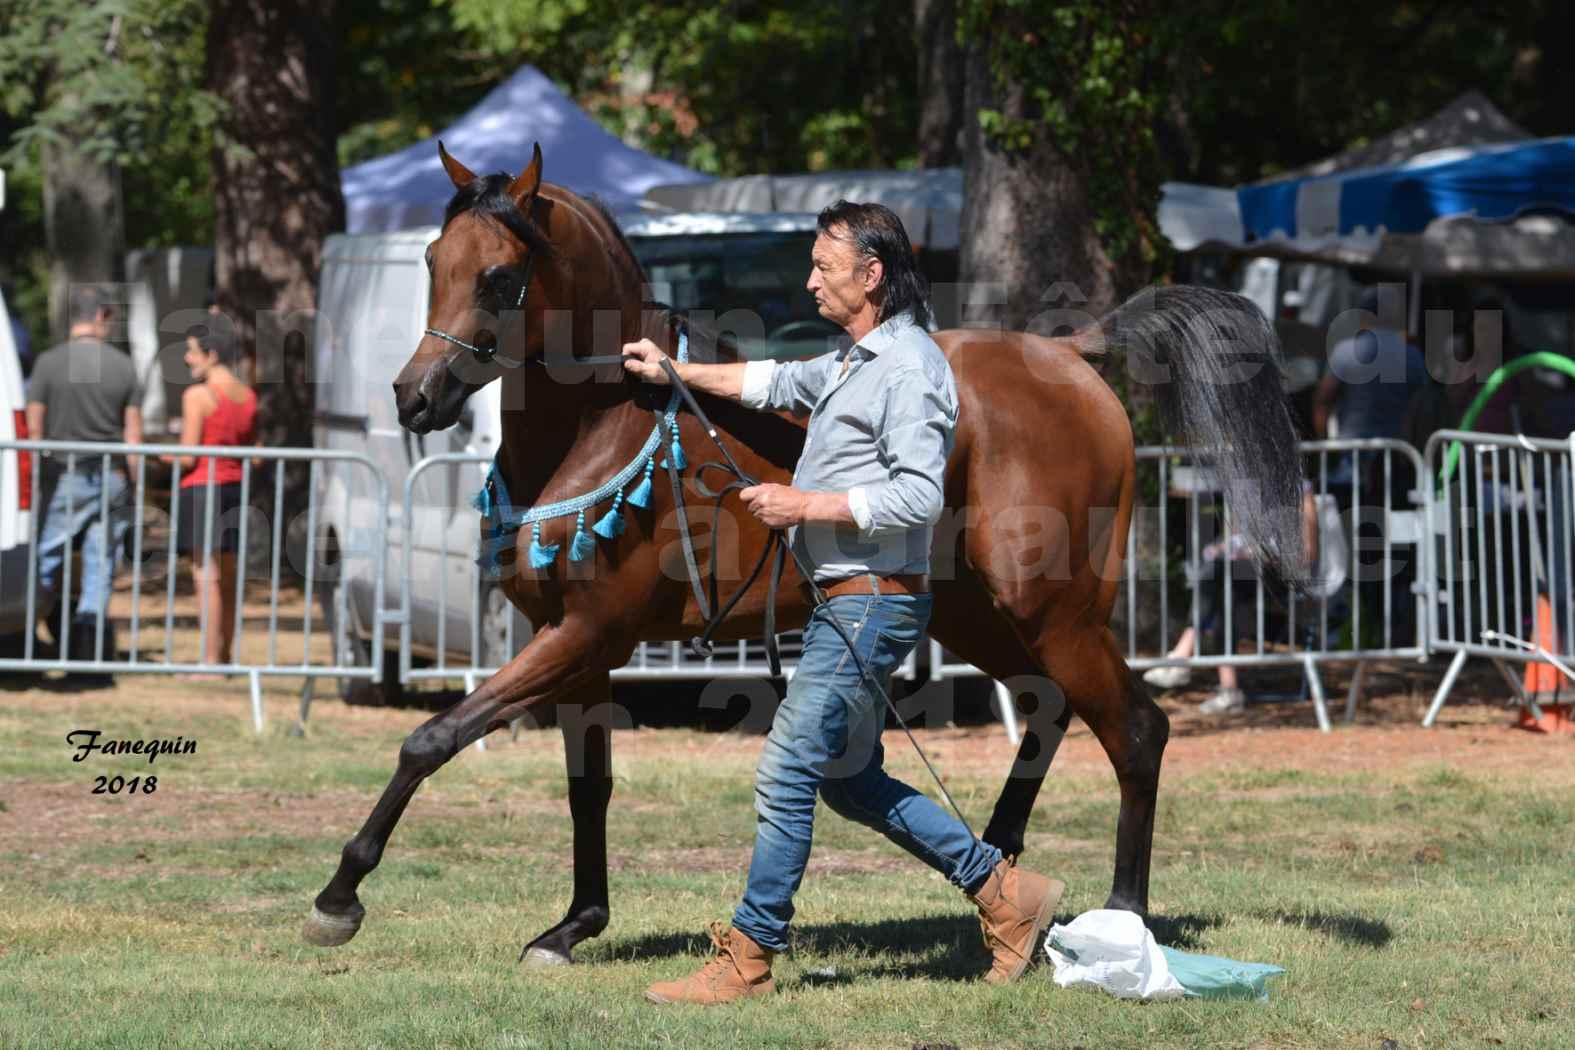 Fête du cheval à GRAULHET le 16 septembre 2018 - Présentation de chevaux Arabe Elevage de GACIA - 12